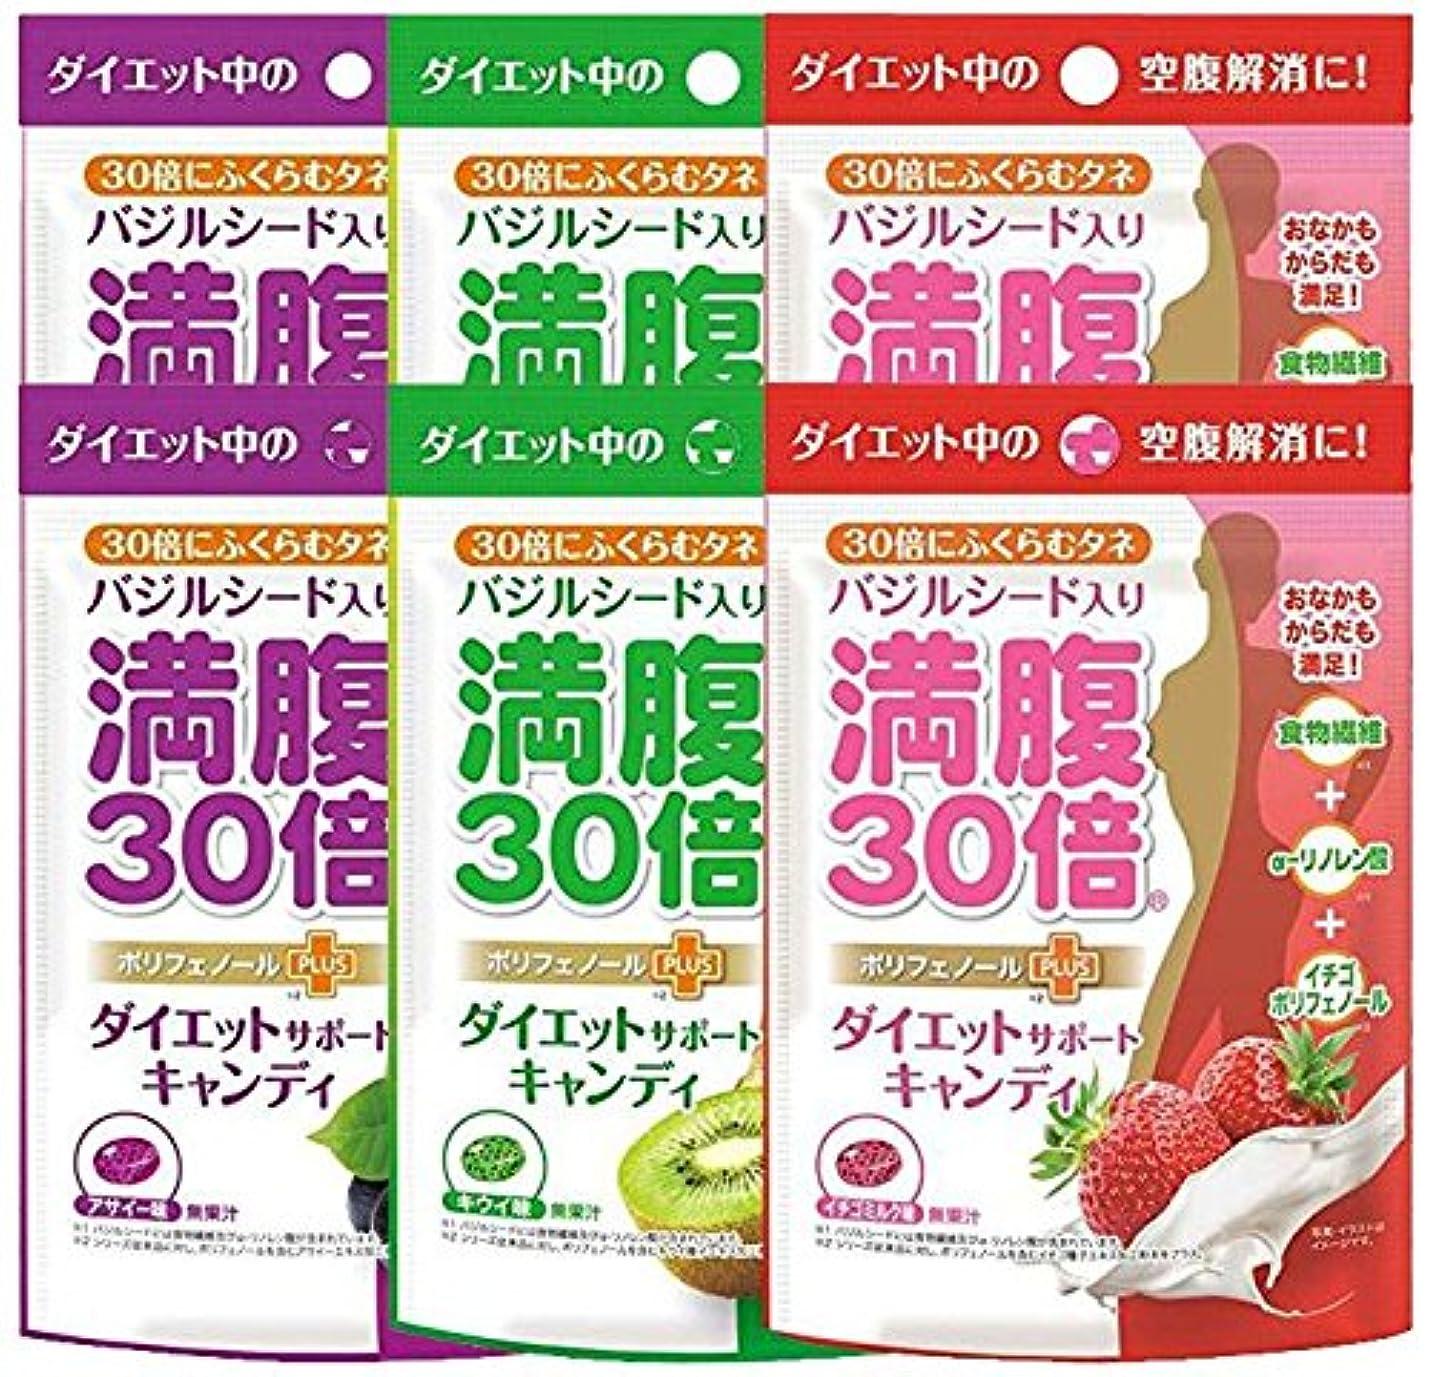 ご予約固める予定満腹30倍 ダイエットサポートキャンディ 3種アソート( アサイー キウイ イチゴミルク 各2袋) 6袋